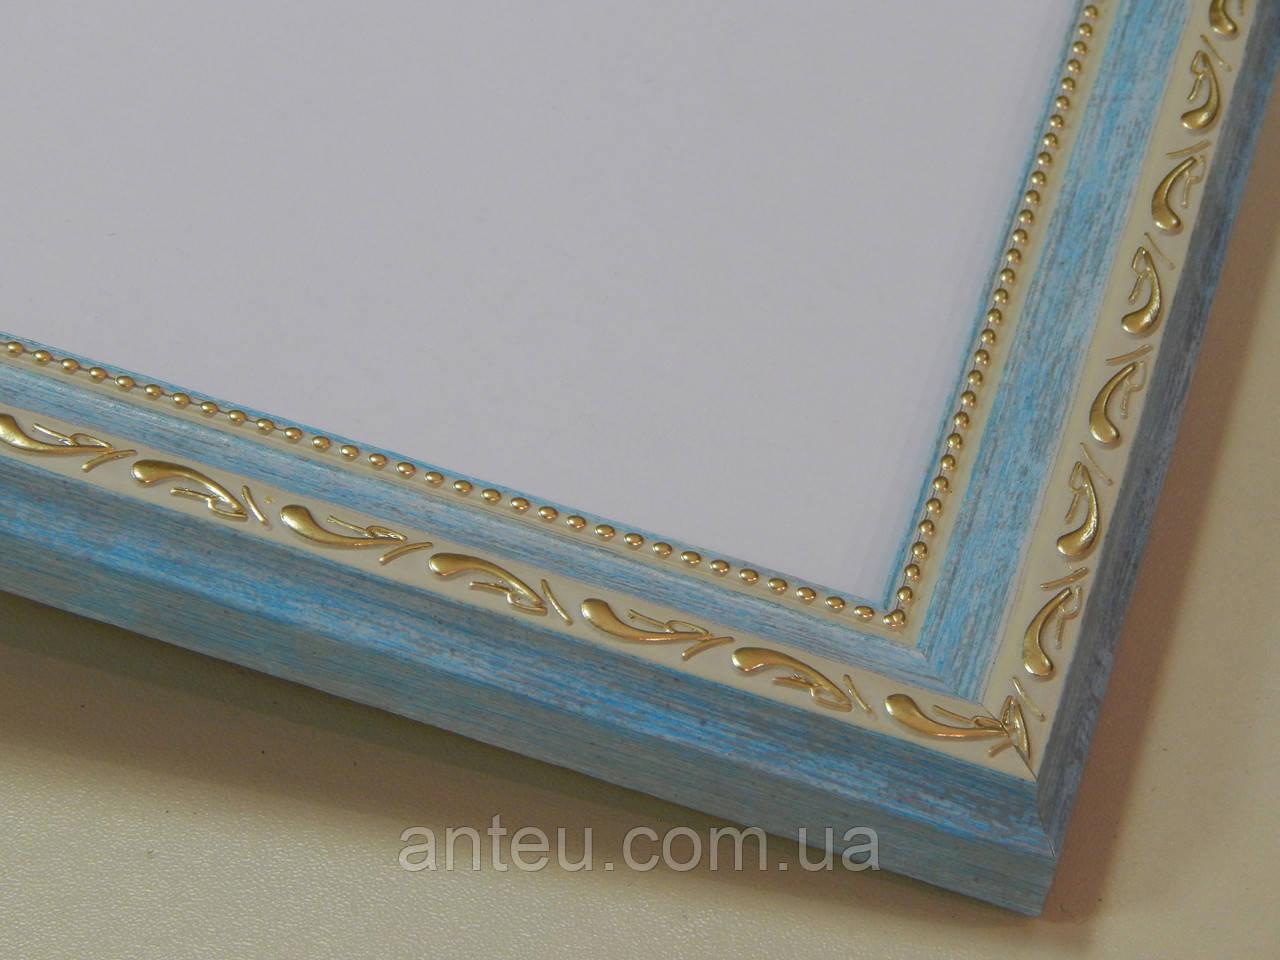 РАМКА 30х40.25 мм.Голубая с орнаментом.Для фото,дипломов,картин.